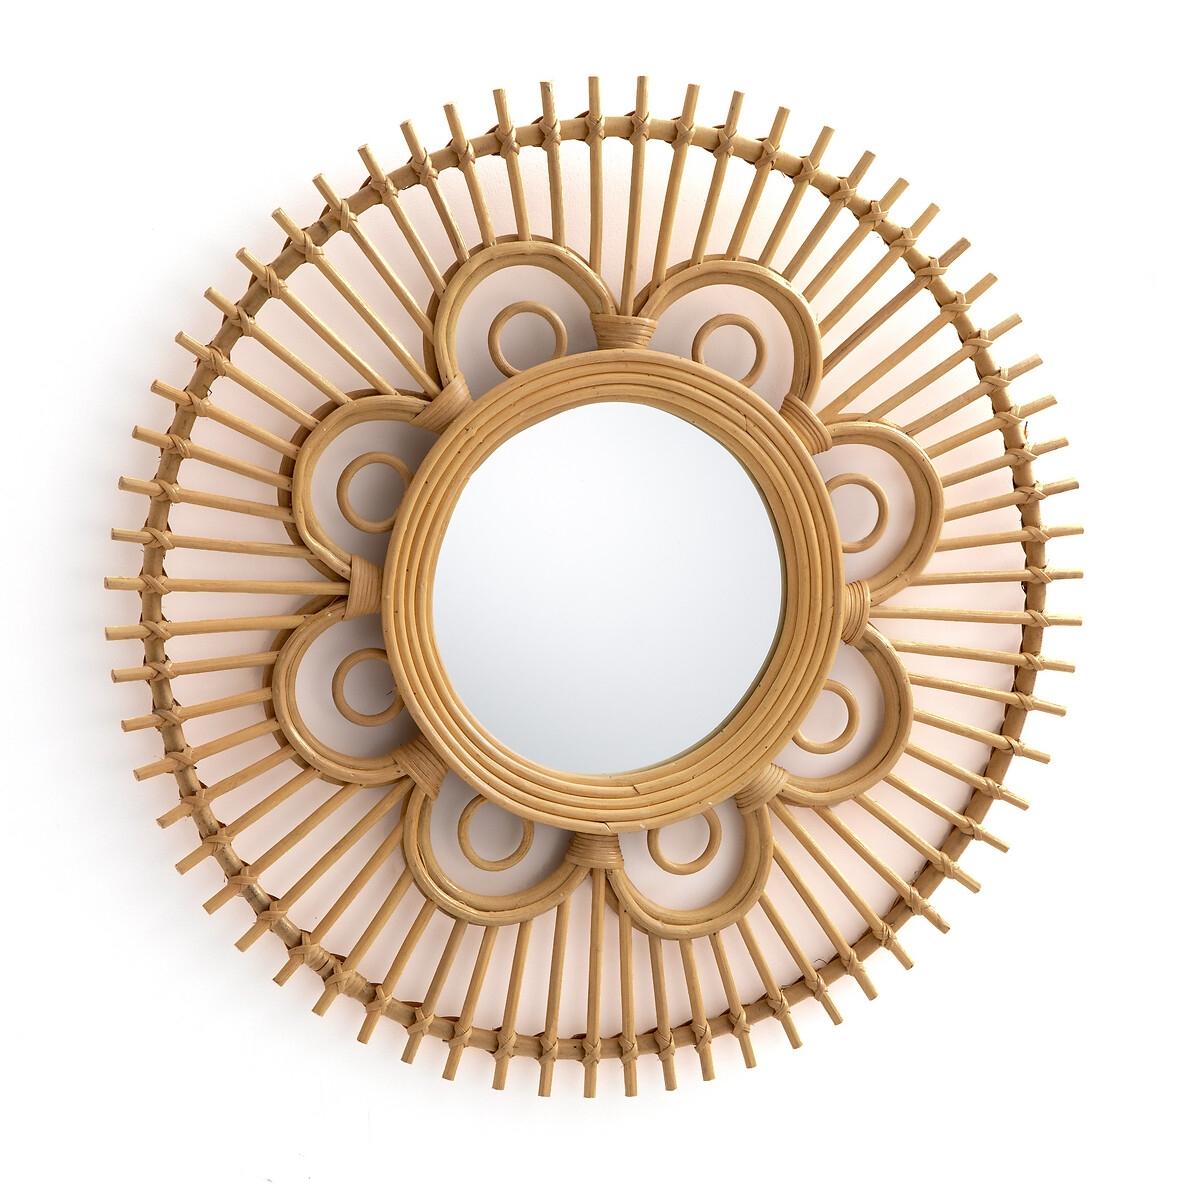 Зеркало LaRedoute Из ротанга в форме цветка 65 см Nogu единый размер бежевый